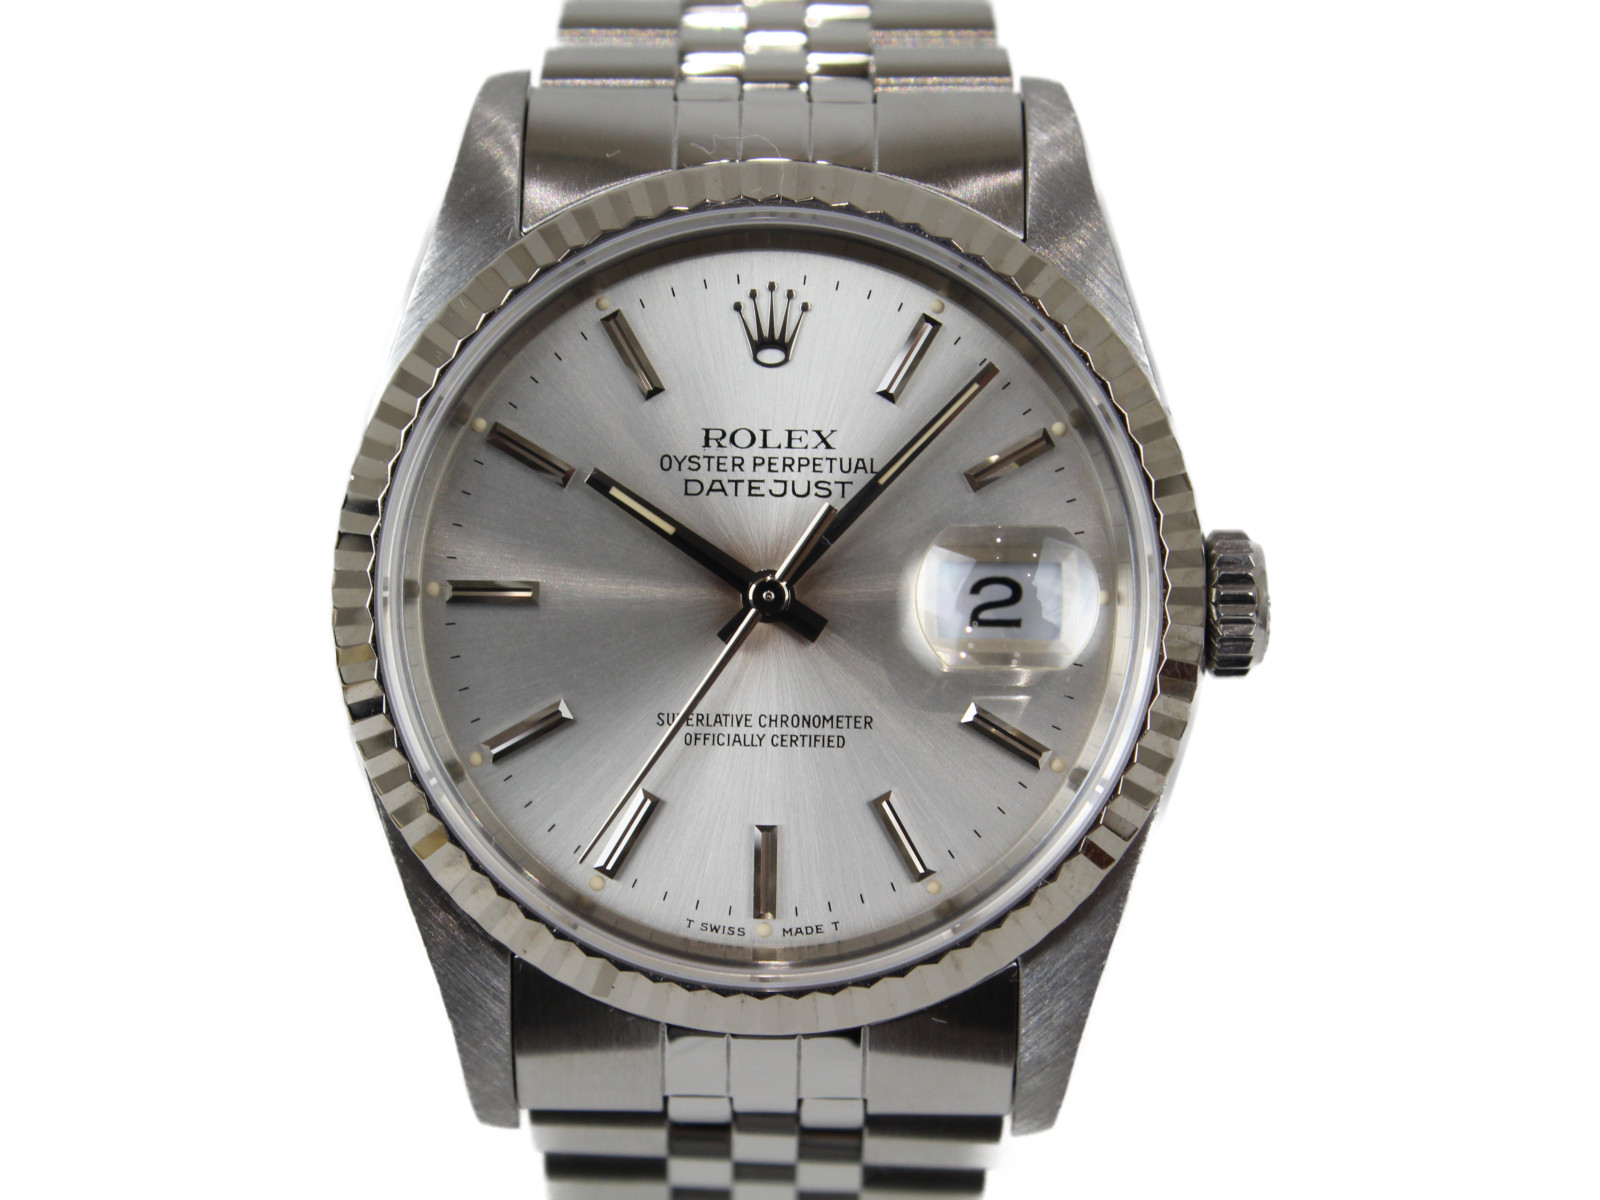 ROLEX ロレックス デイトジャスト/1990年製造 16234 E番 SS WG 自動巻き 腕時計 レディース メンズ ユニセックス ジュビリー 【中古】